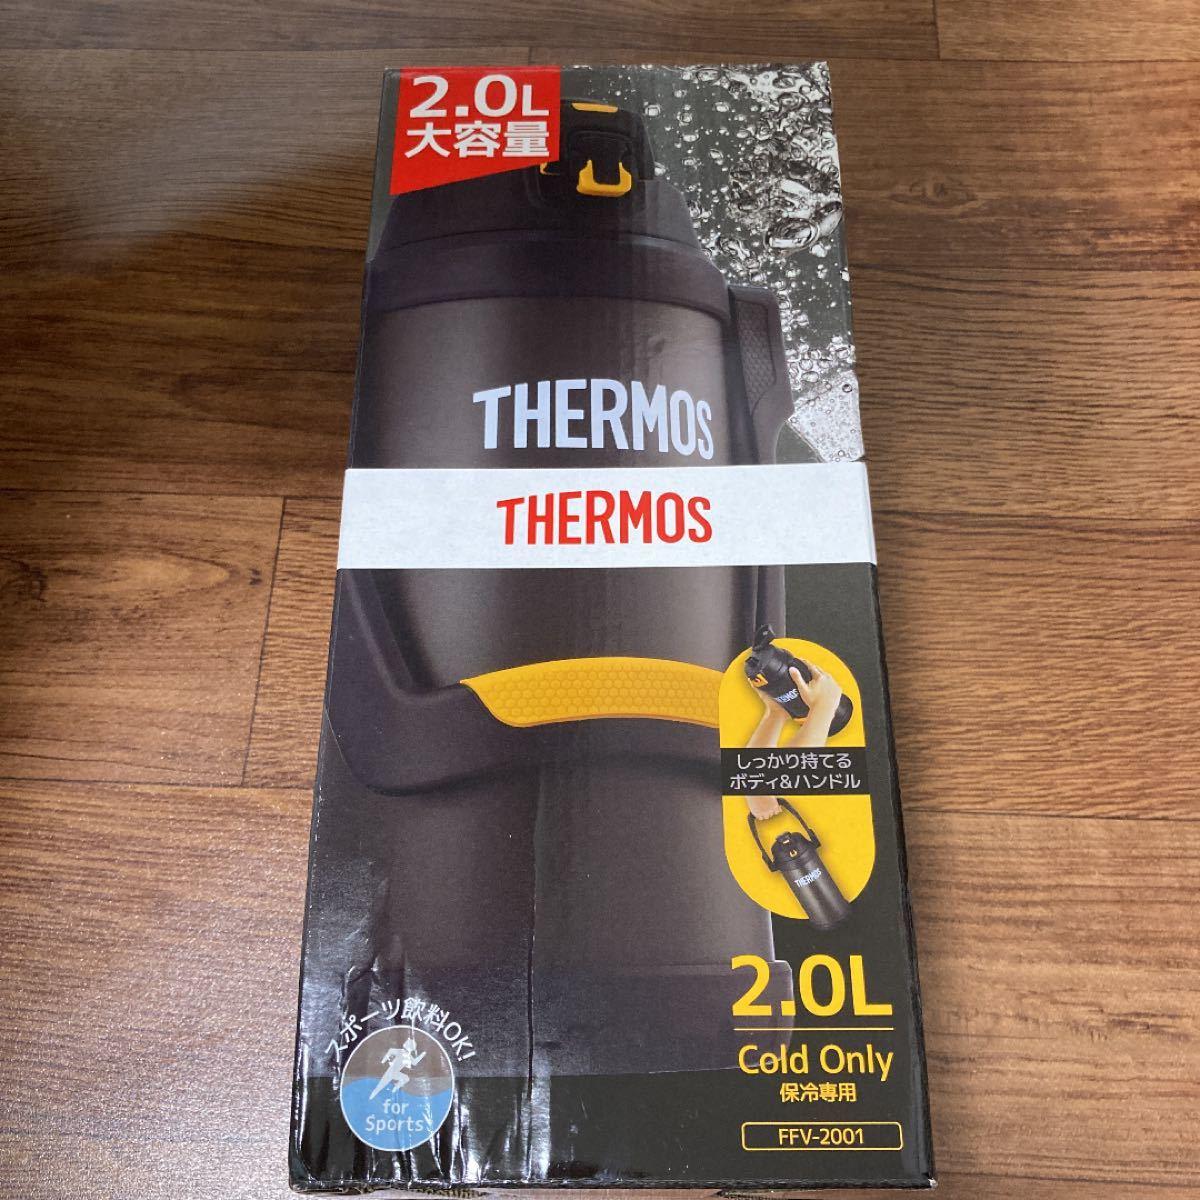 真空断熱スポーツジャグ 2.0LFFV-2001 サーモス水筒 THERMOS